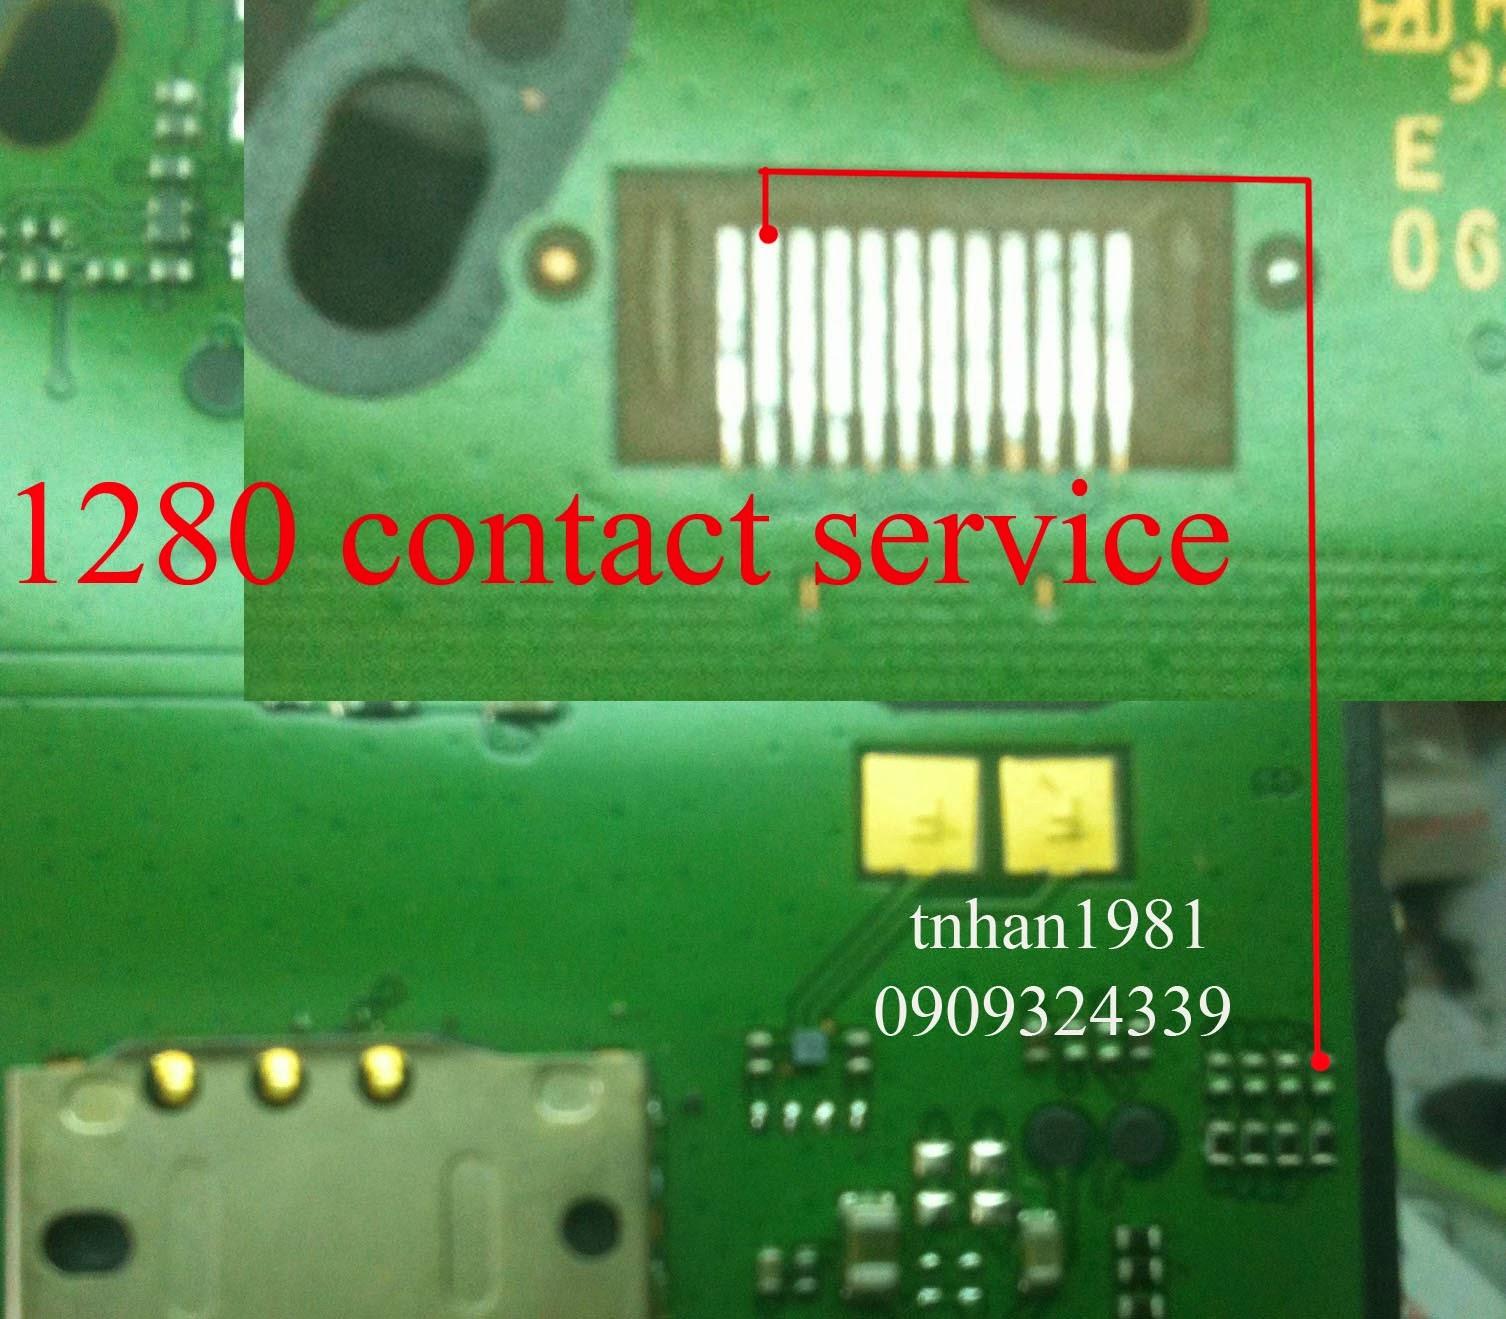 Sửa Chữa điện Thoại 1280 Contact Service